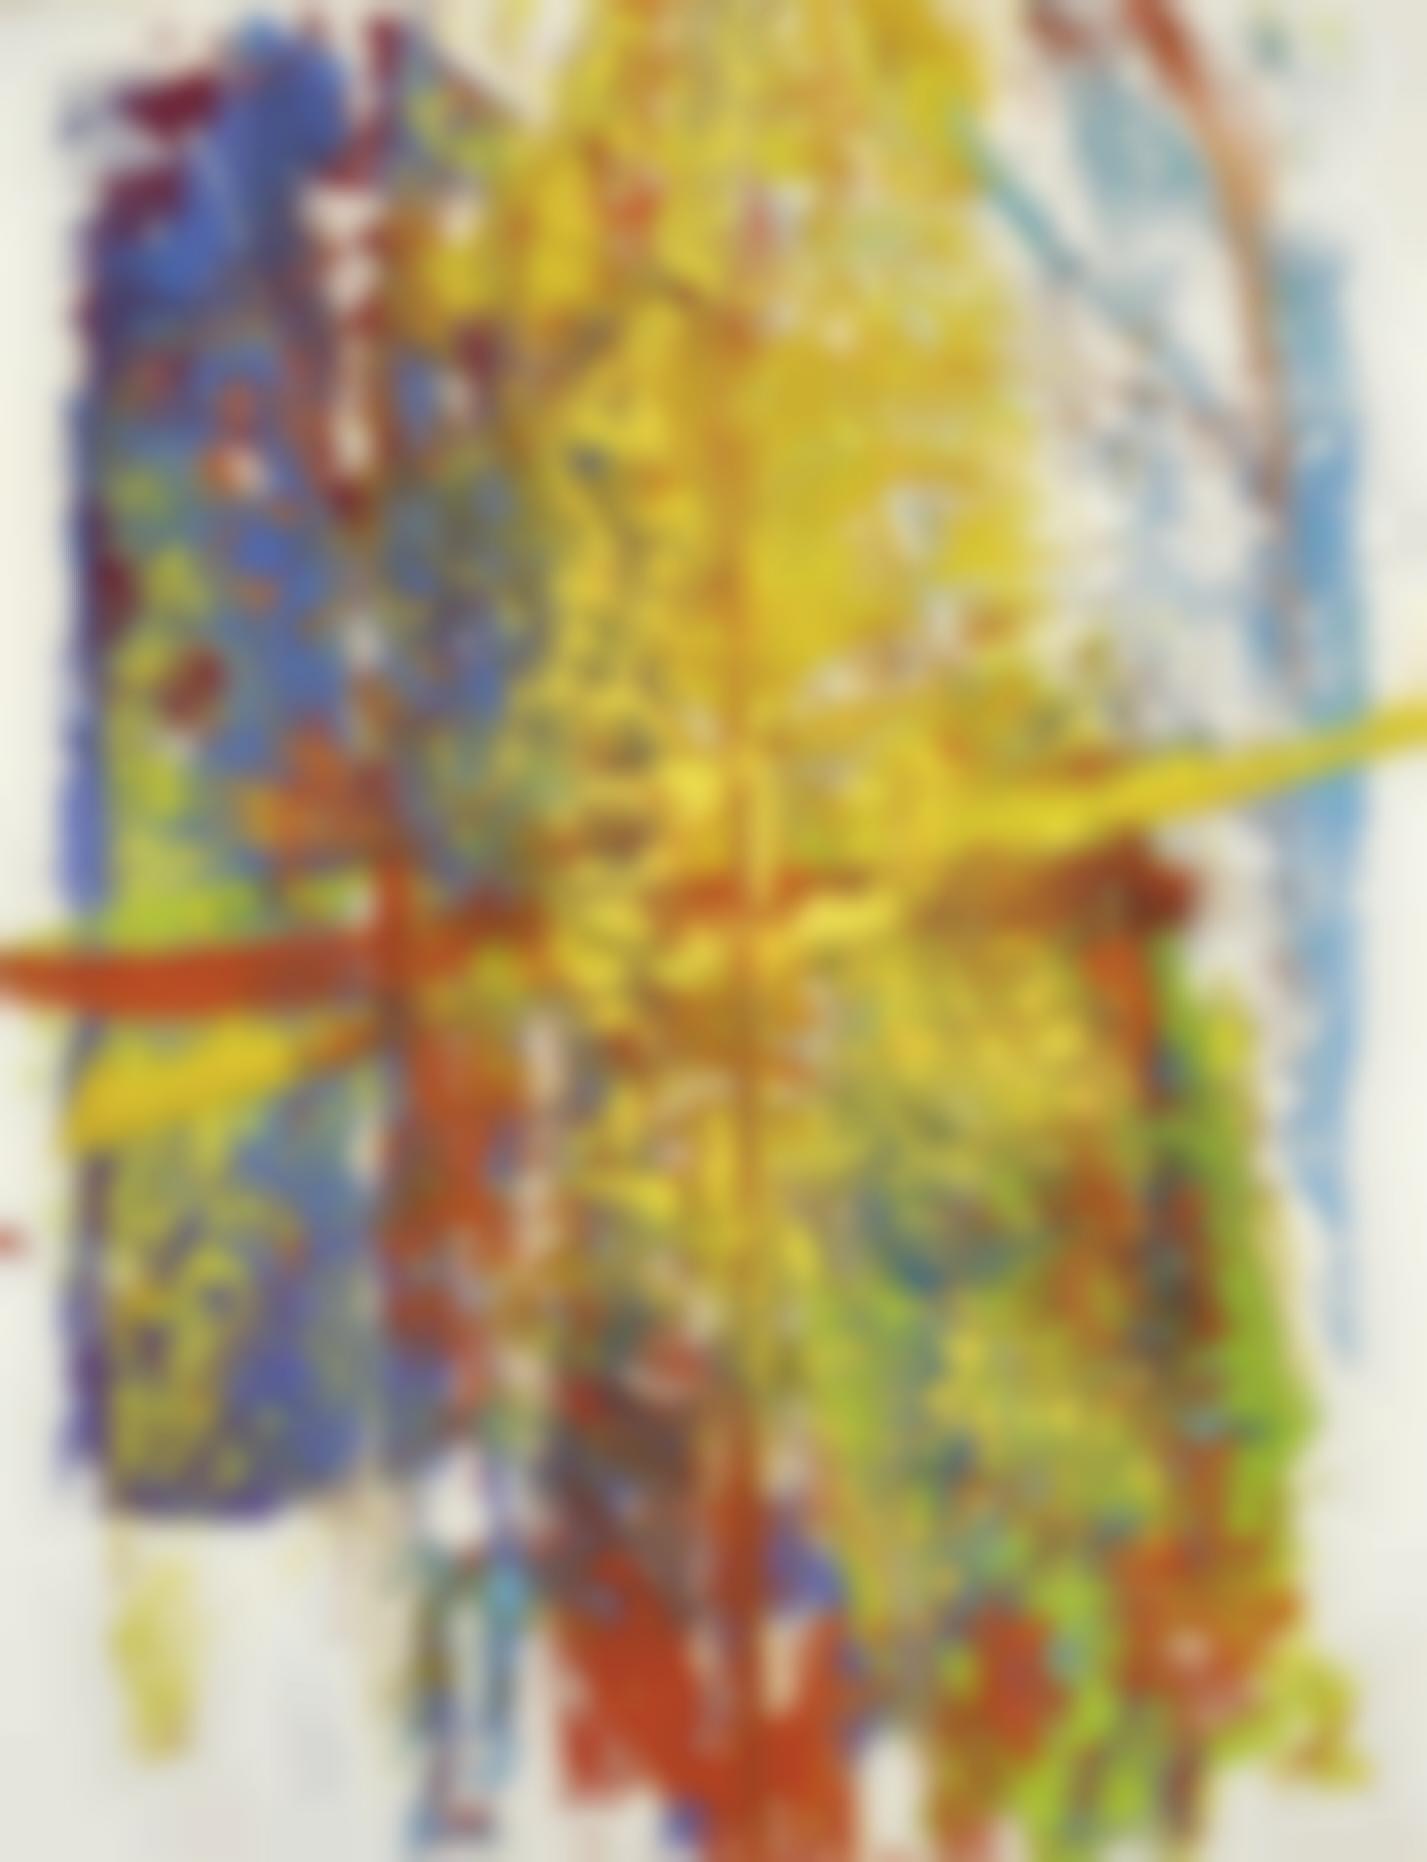 Gerhard Richter-Untitled (5.4.86)-1986